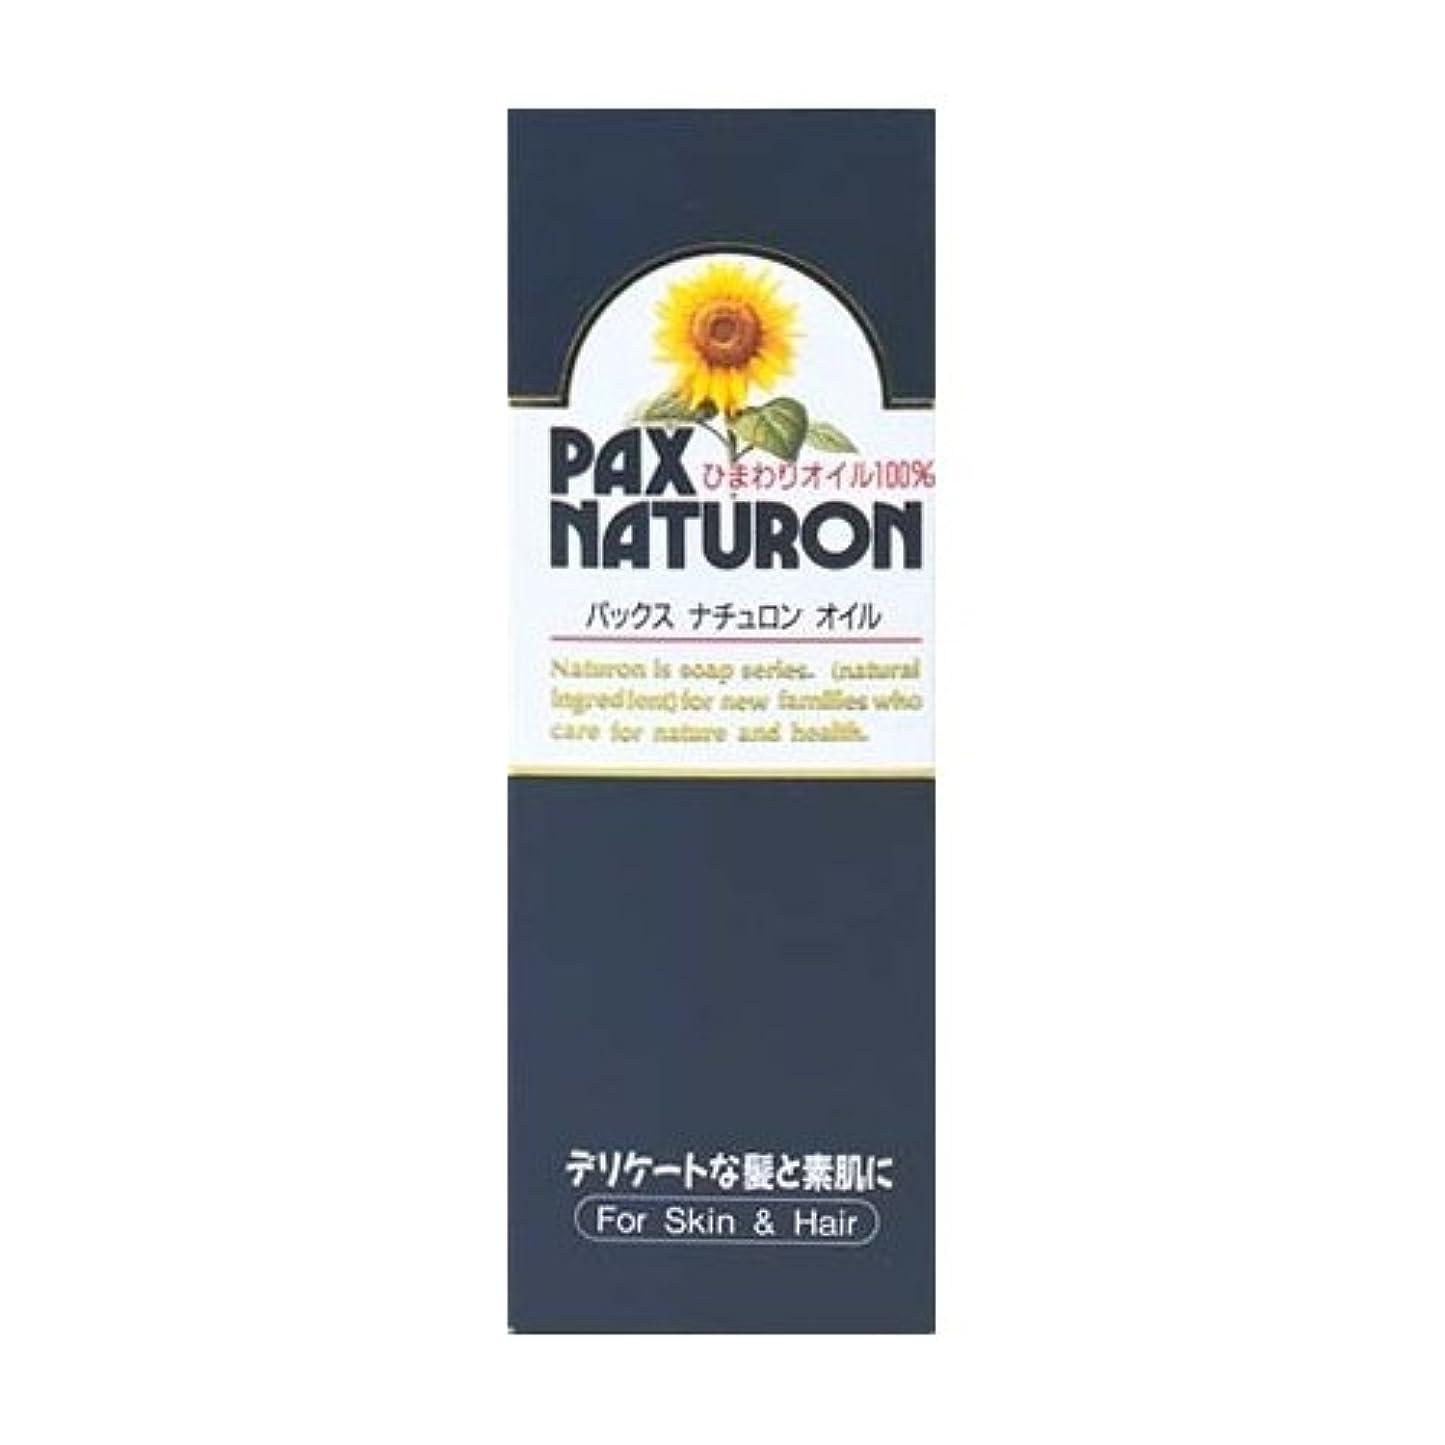 アコーミュージカル病パックスナチュロン オイル(ひまわりオイル100%) 60ml